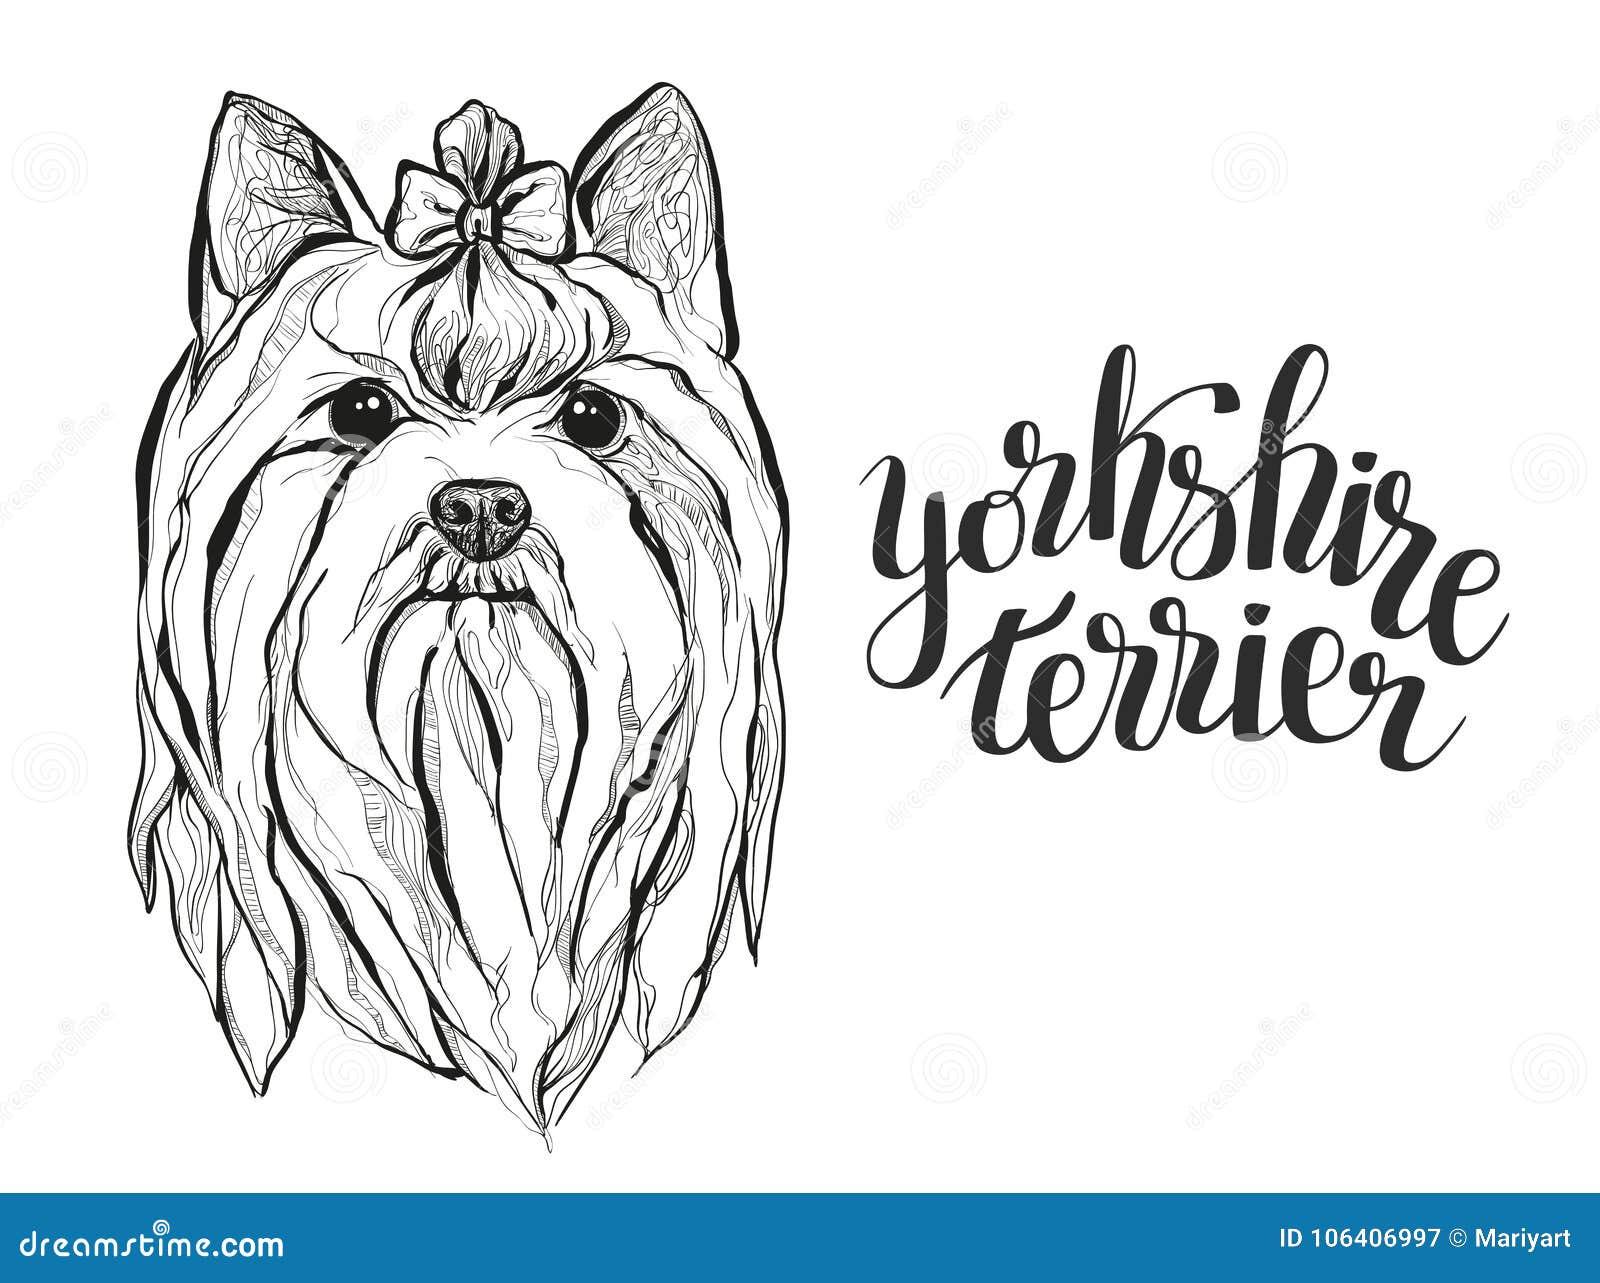 Dessin Graphique Du Chien Yorkshire Terrier Avec Le Lettrage